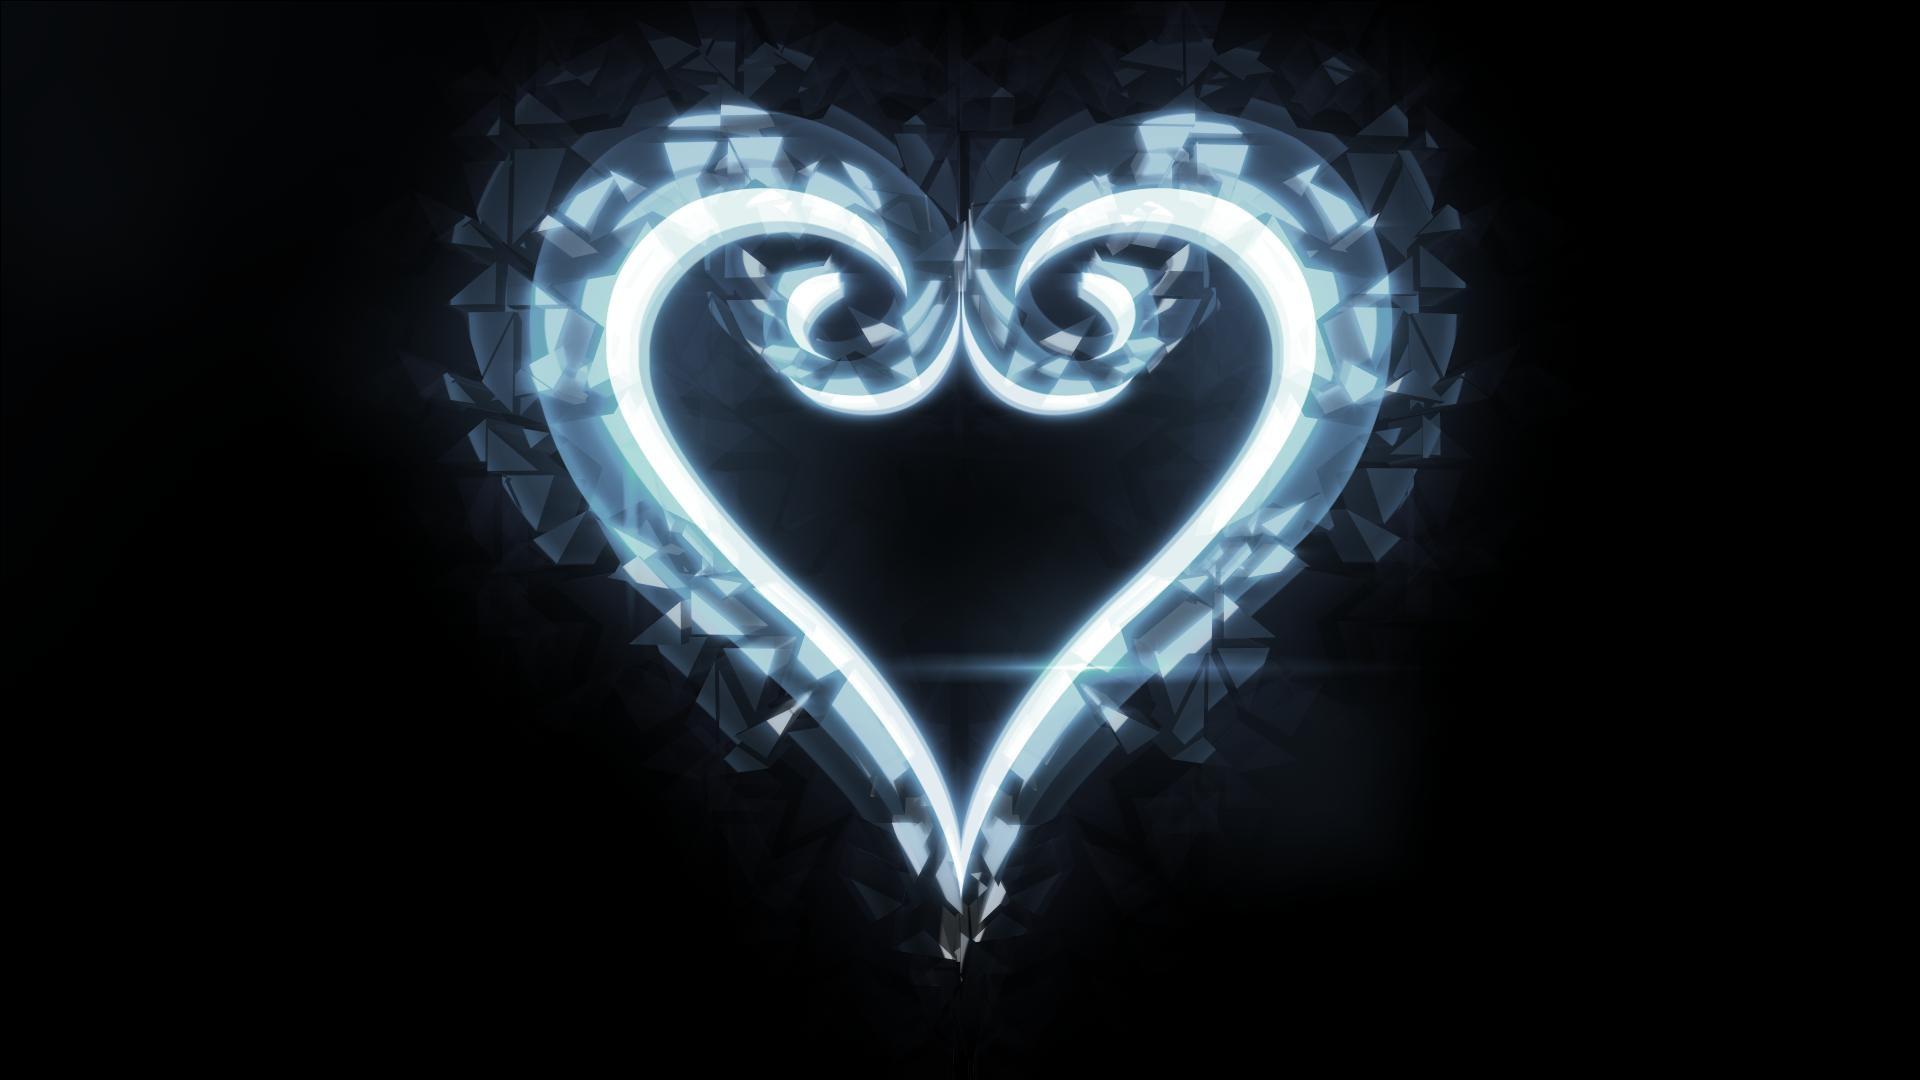 王国之心壁纸 高清图片 游戏壁纸-第5张